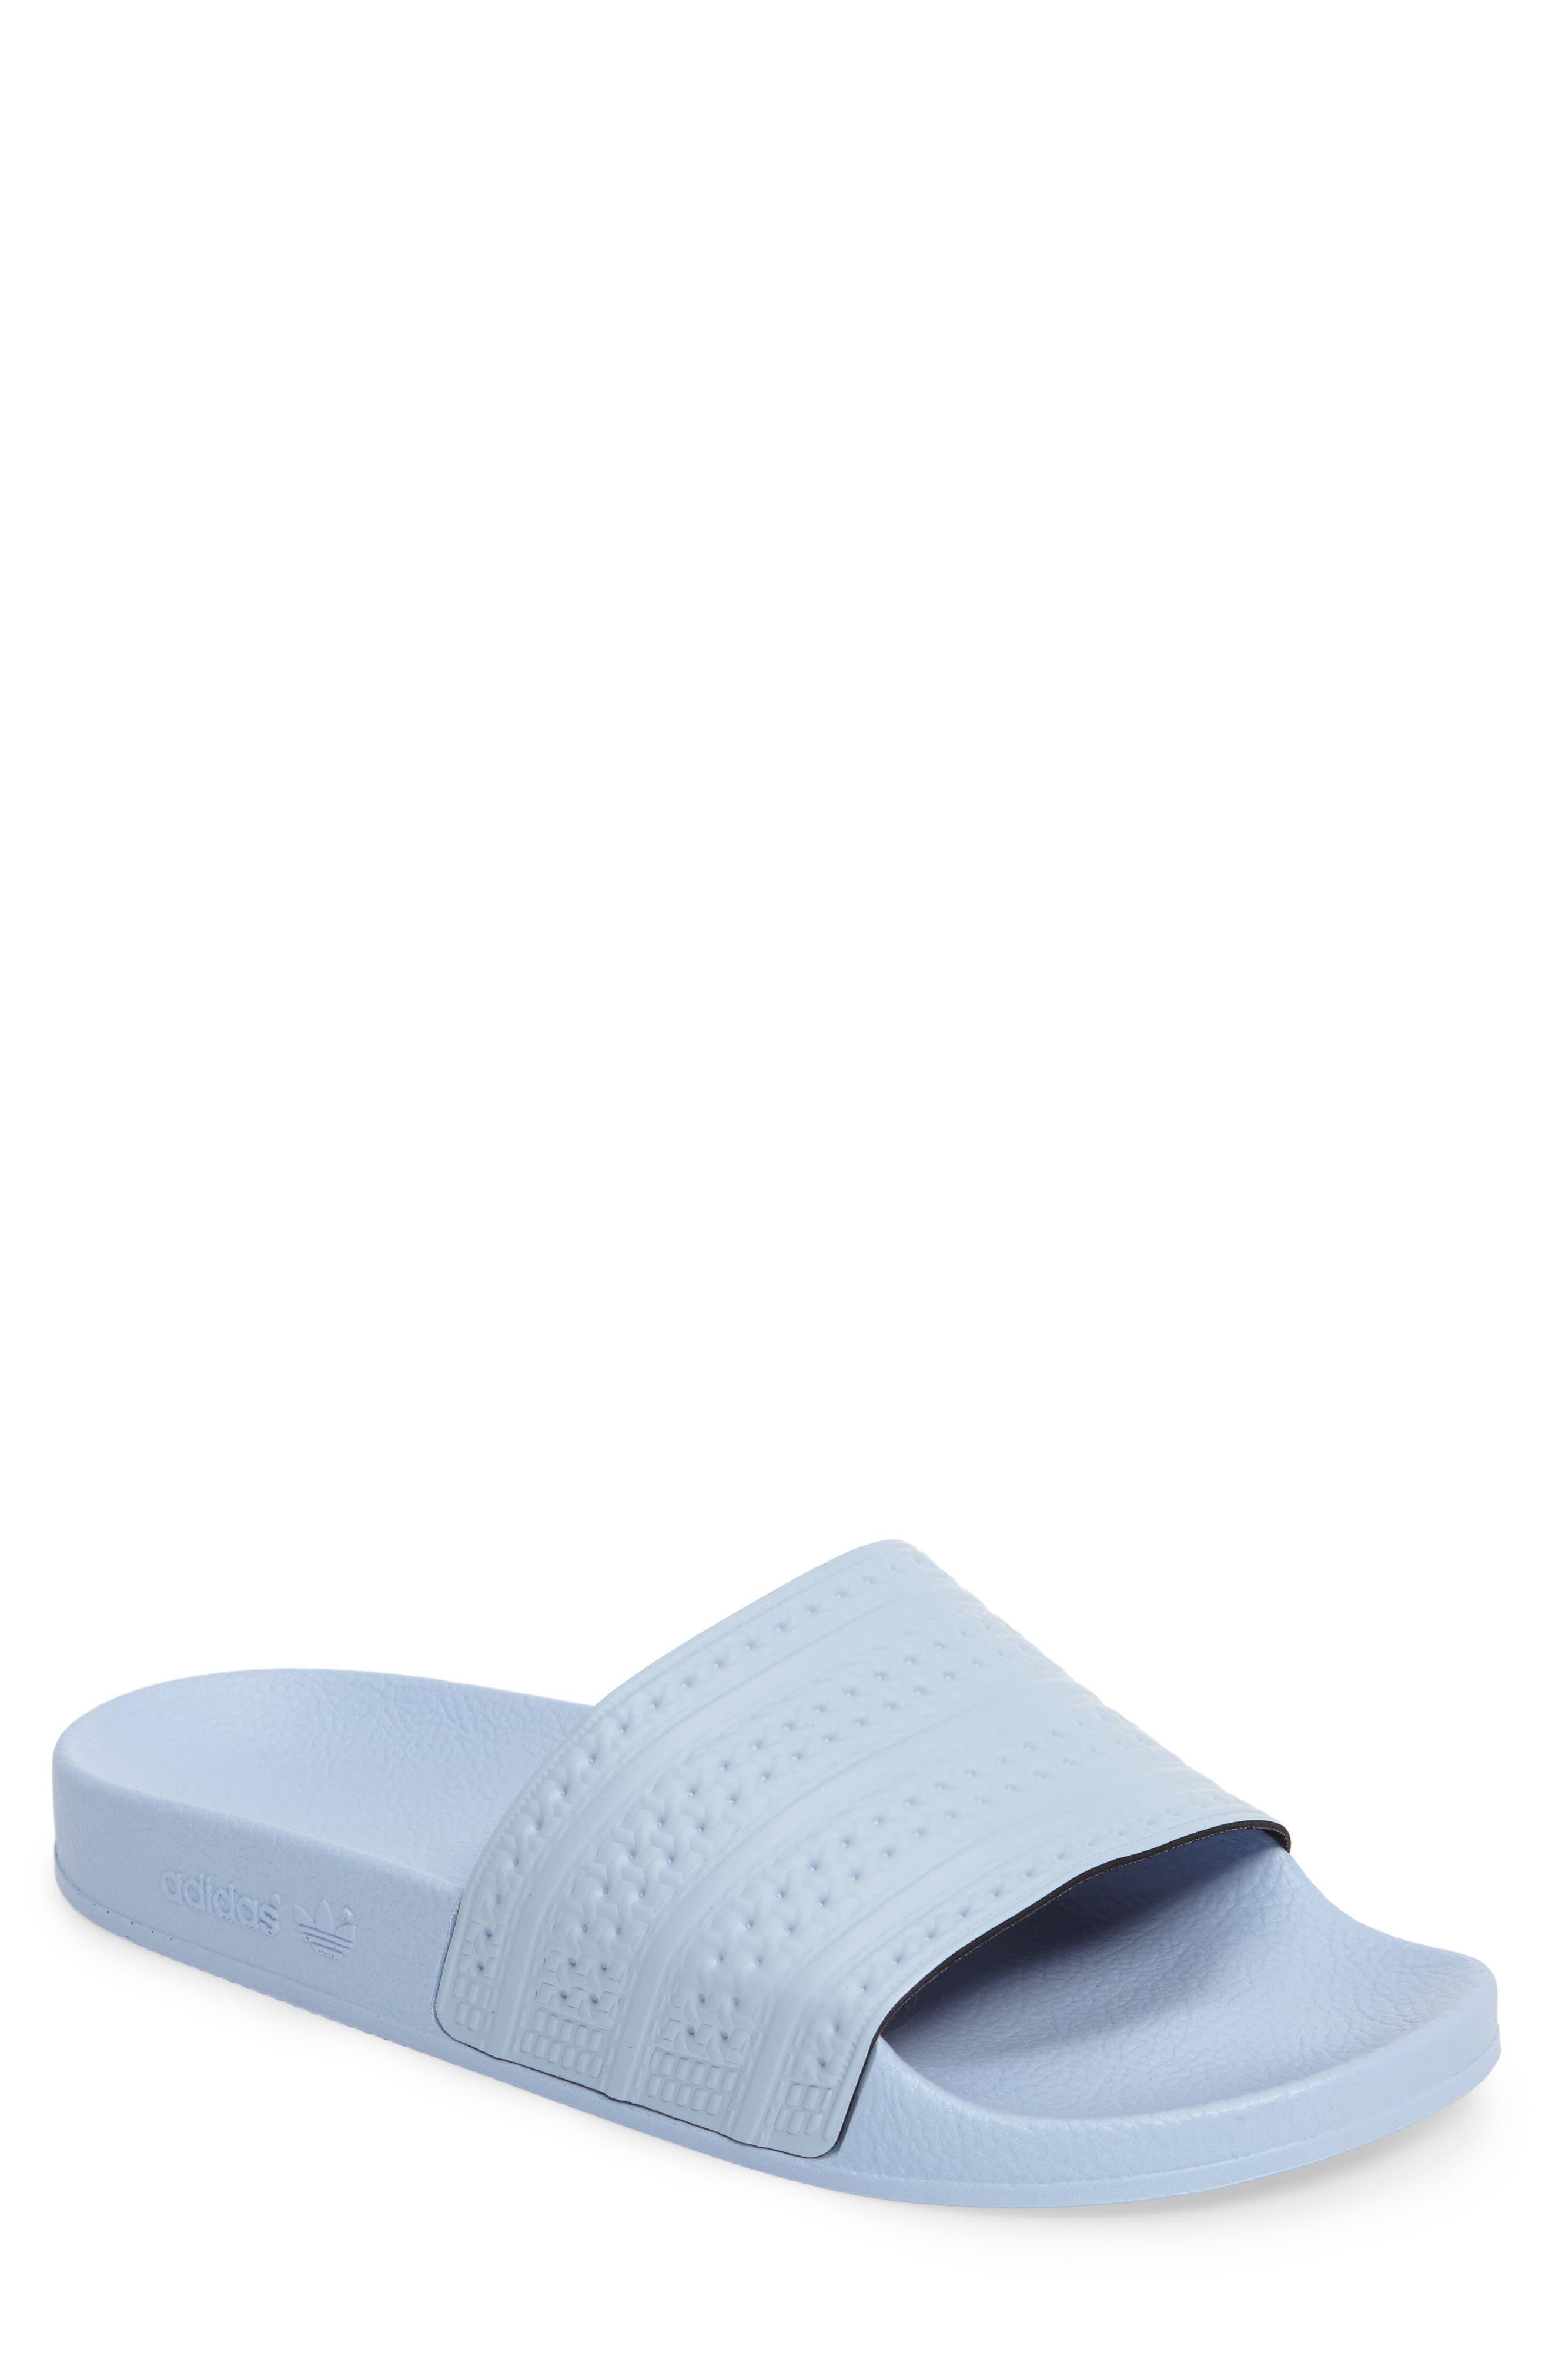 Main Image - adidas Adilette Slide Sandal (Men)